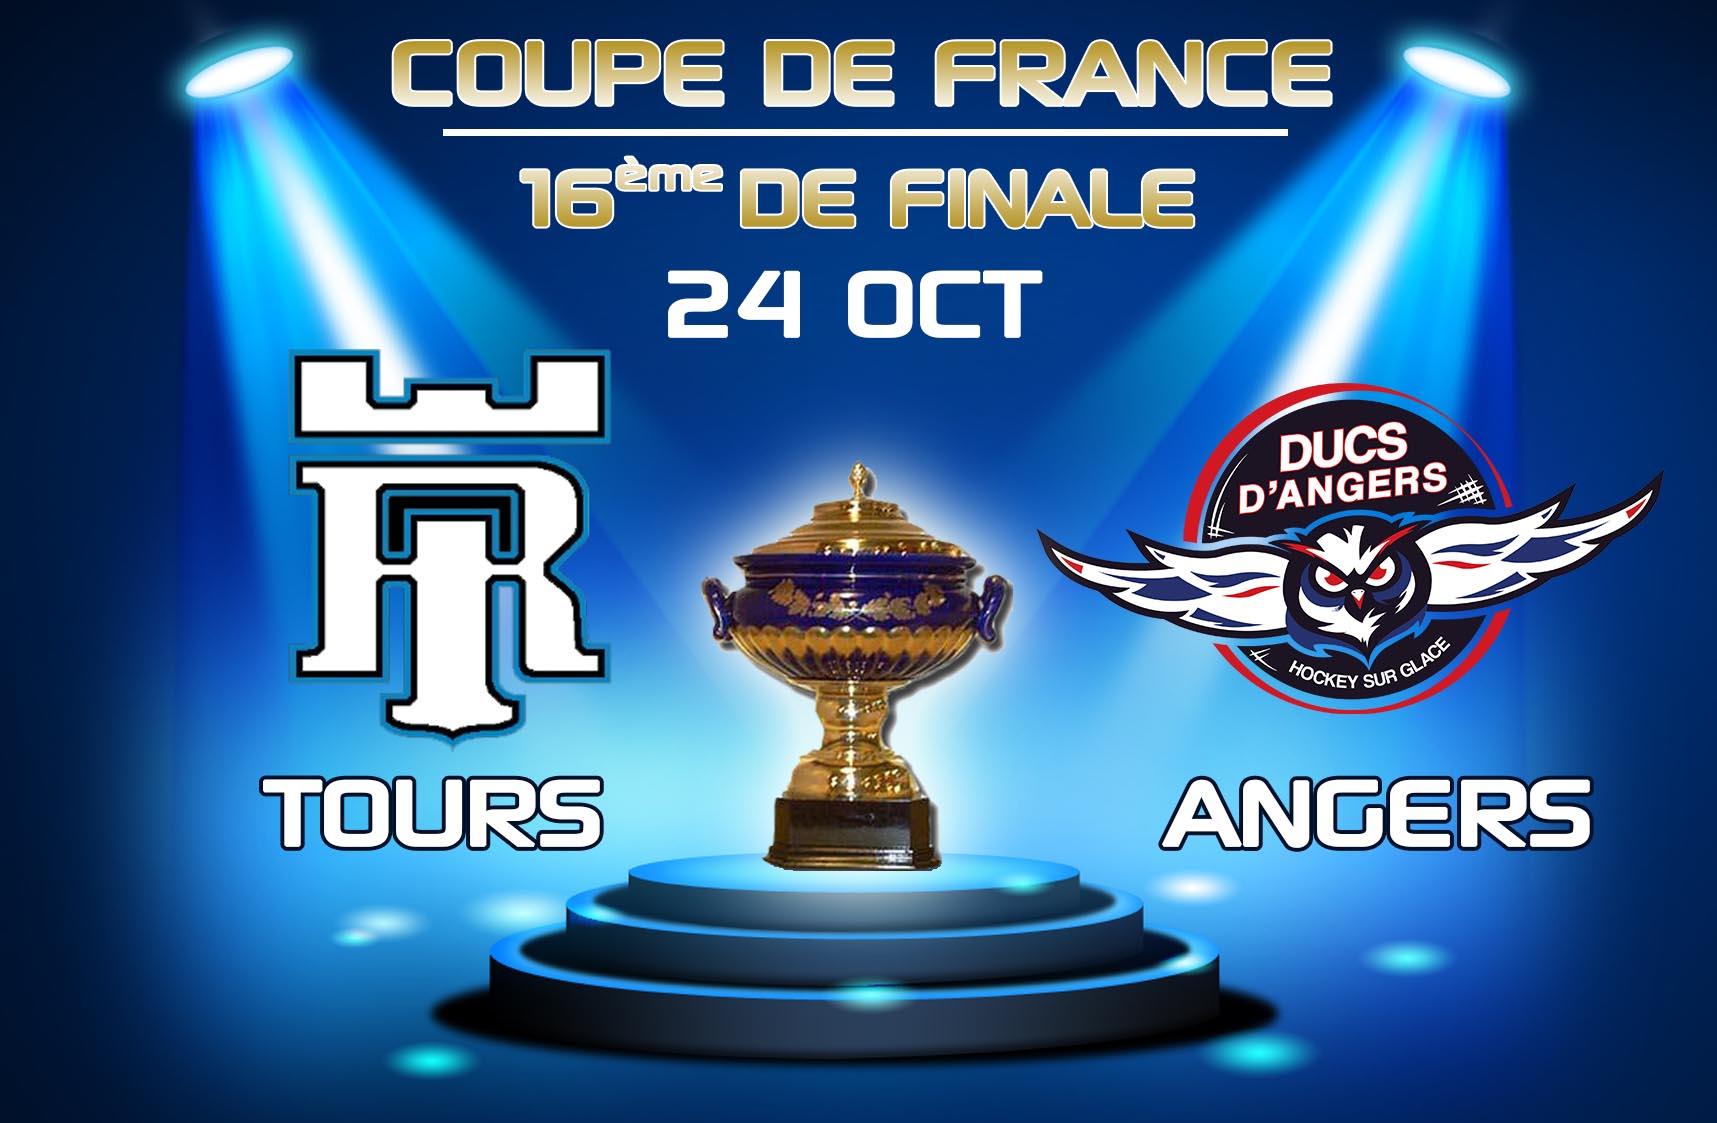 Coupe de France : A Tours pour les 16ème de finale !